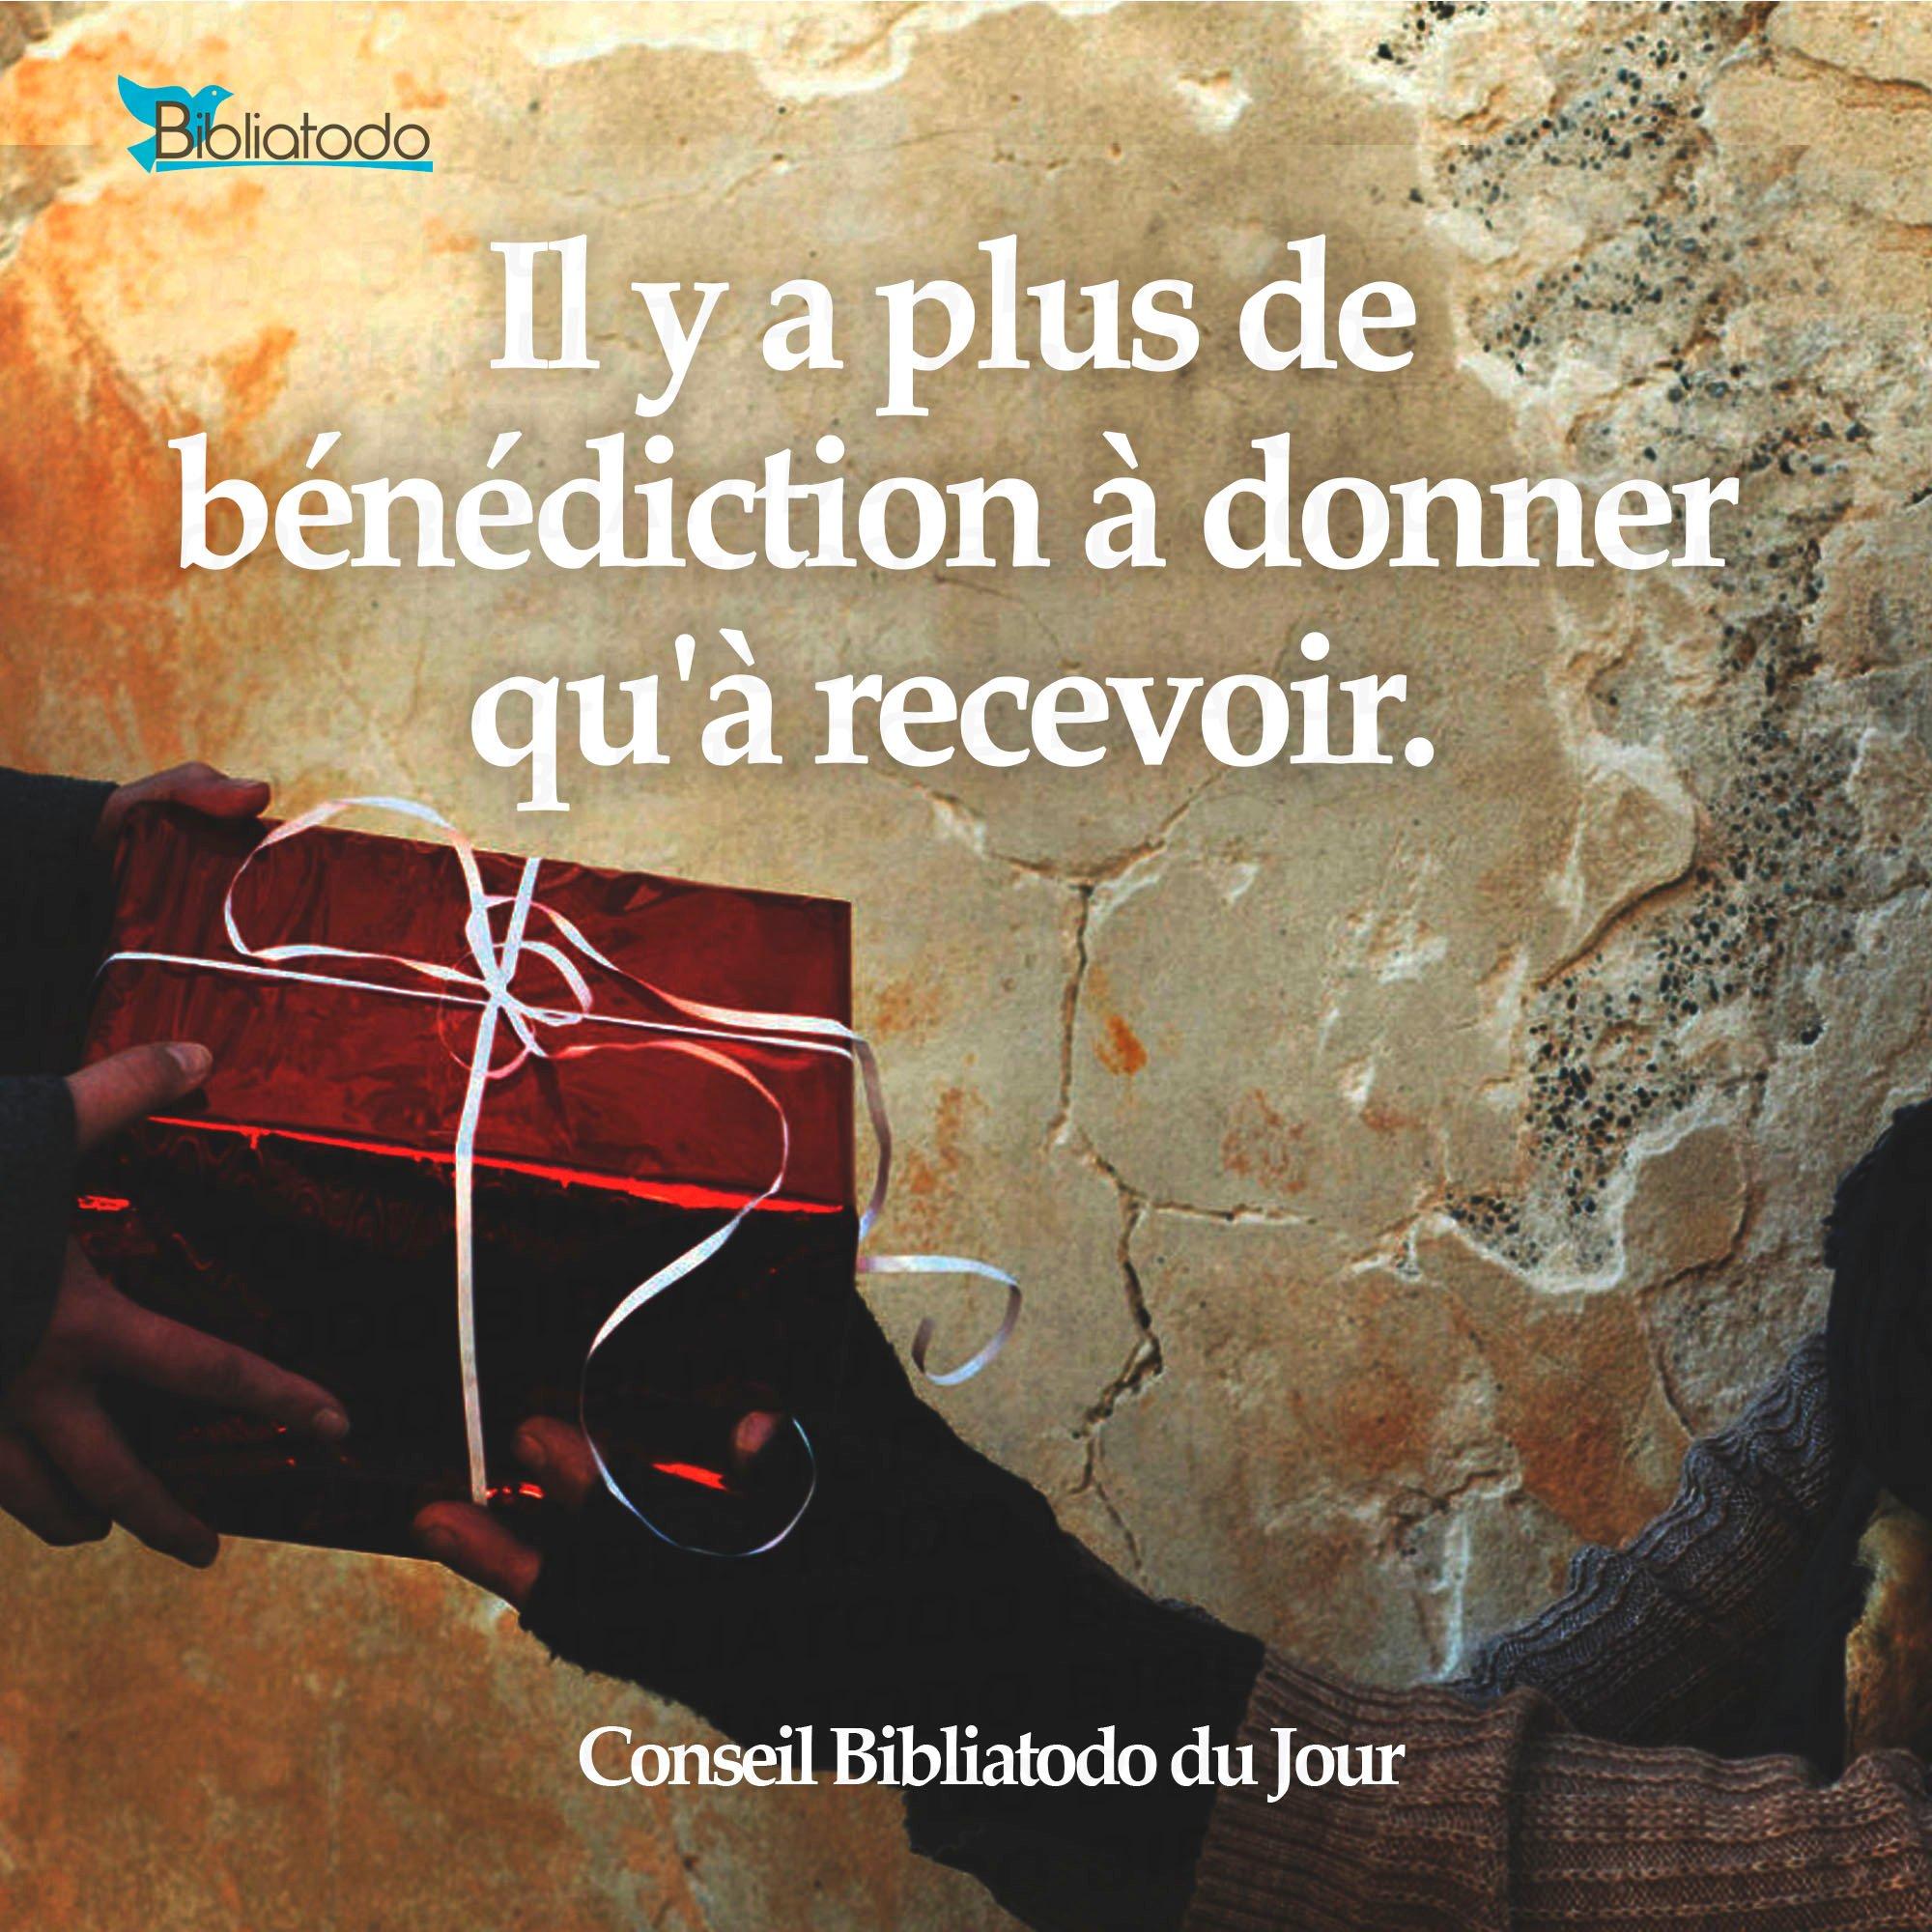 fr-con-1949-Il-y-a-plus-de-benediction-a-donner-qua-recevoir